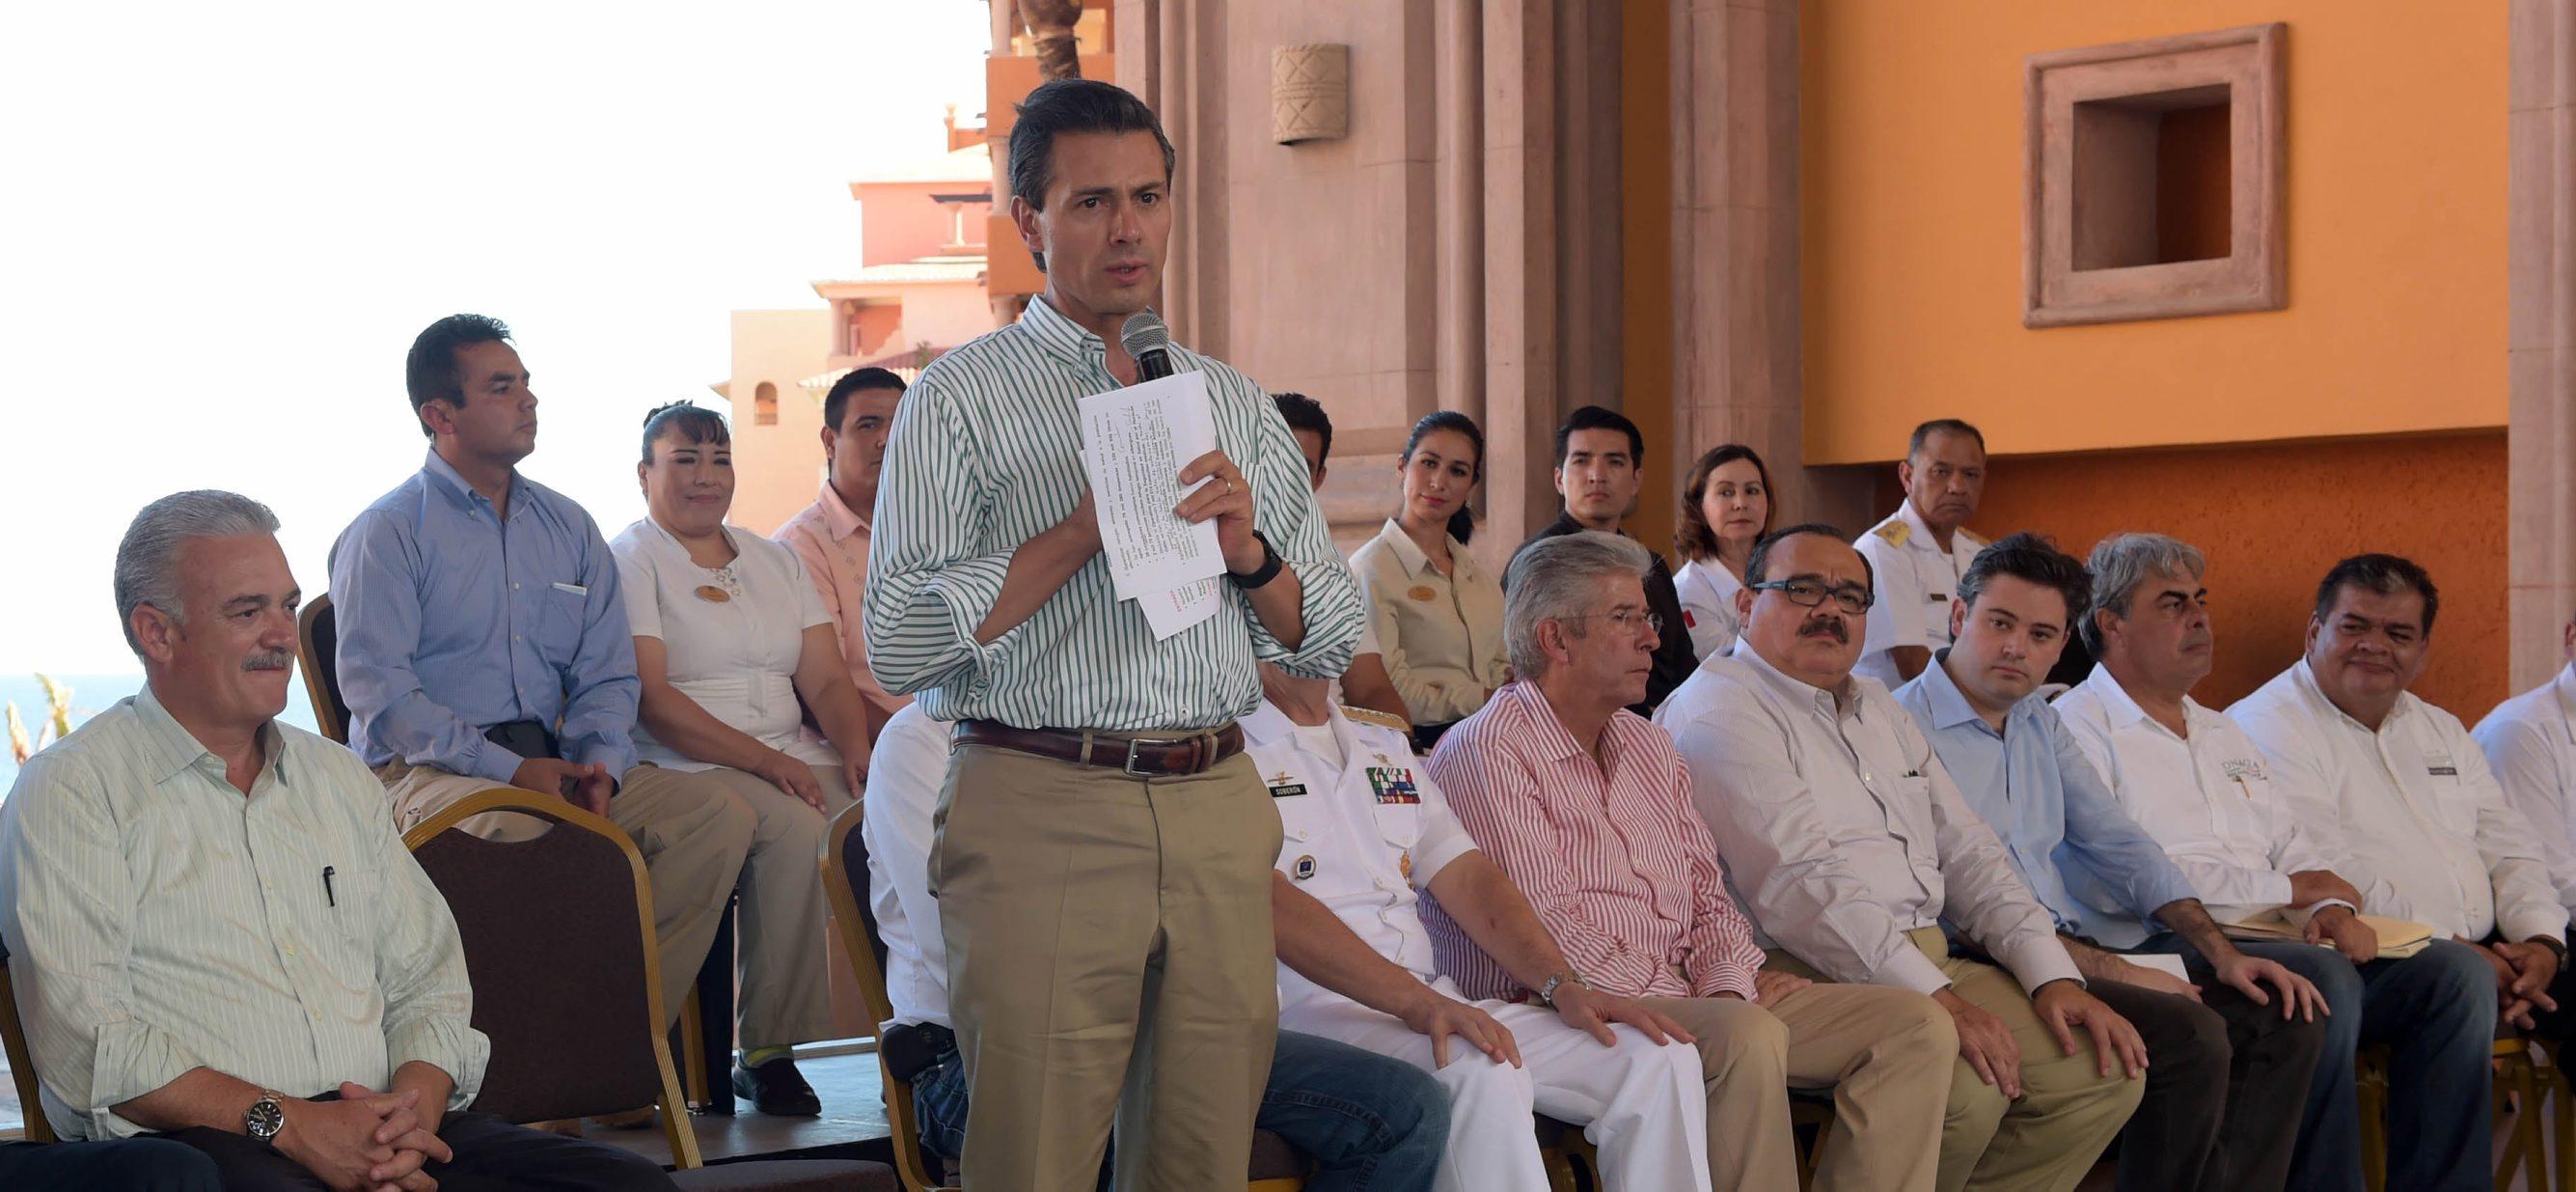 El Presidente de la República, Enrique Peña Nieto, realizó una gira de trabajo por el estado de Baja California Sur.